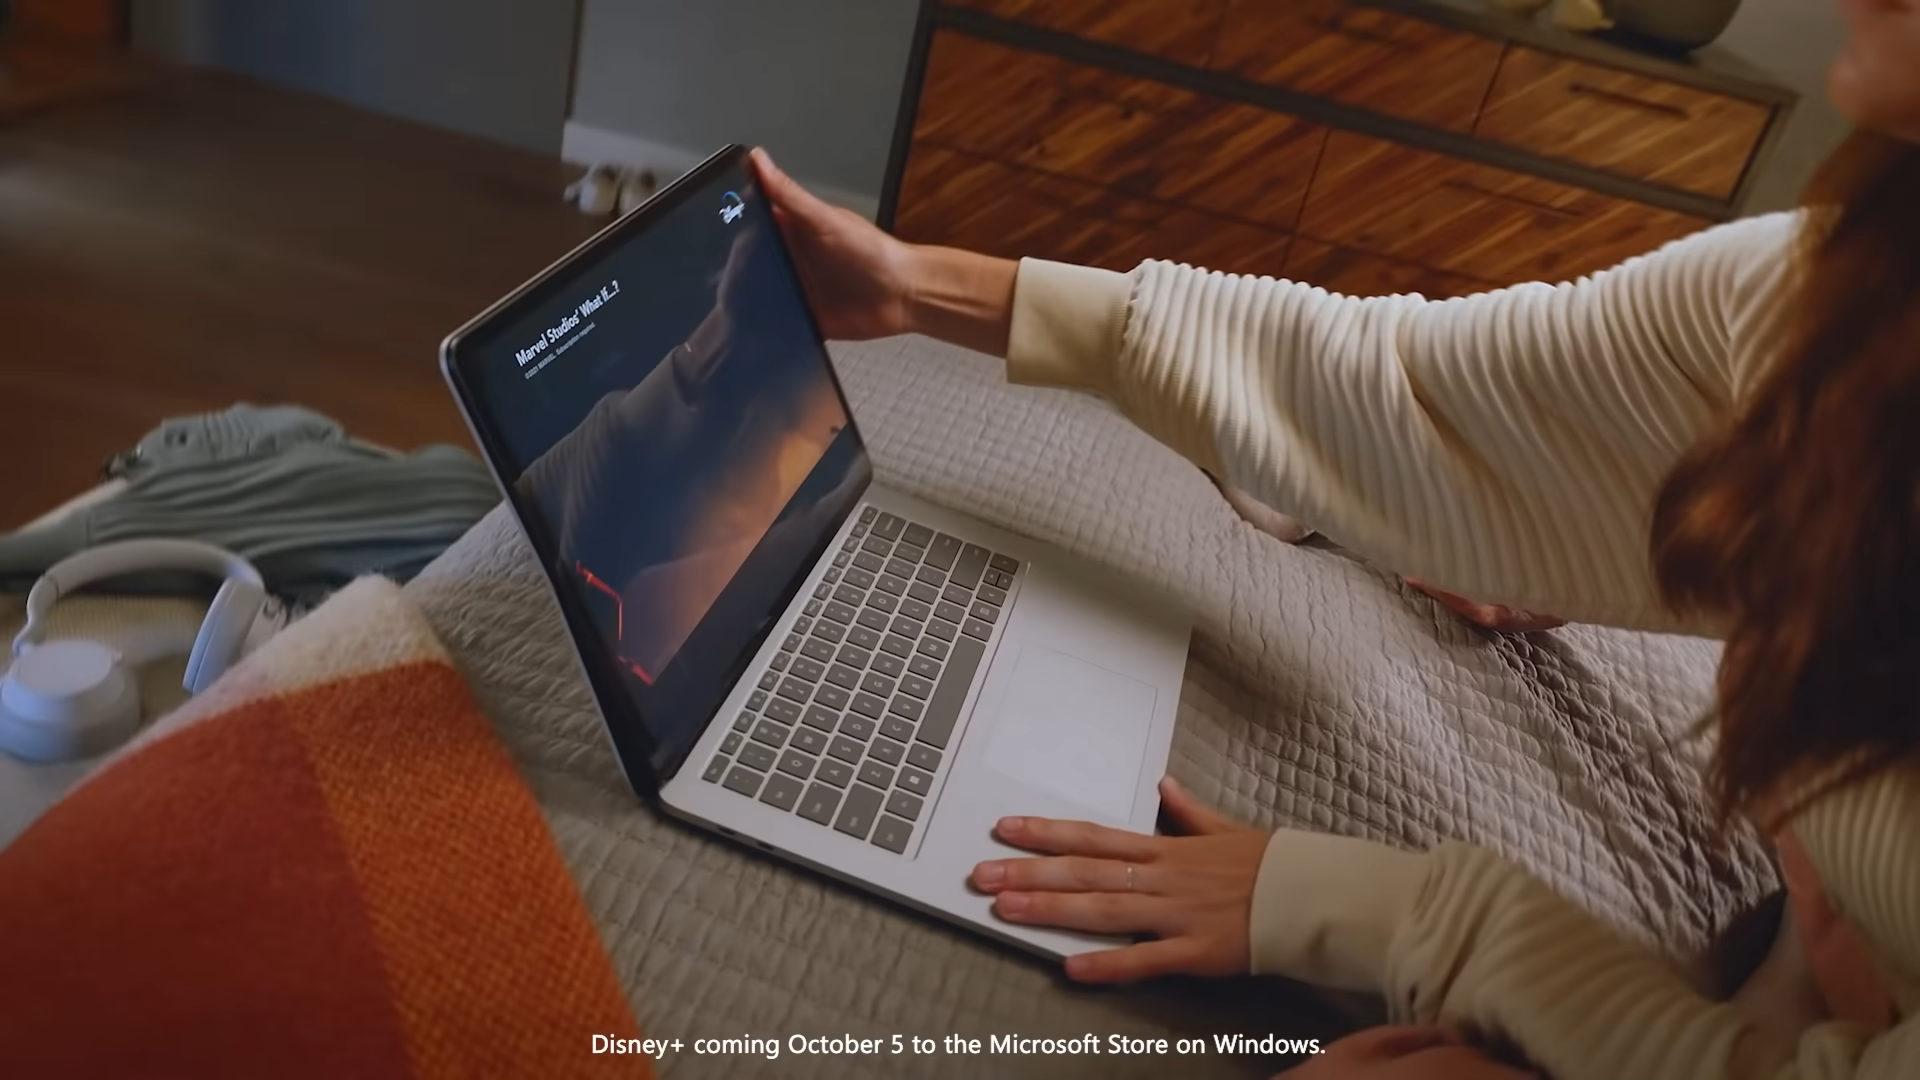 Disney+ pourrait enfin avoir droit au 1080p sur PC grâce à Windows 11